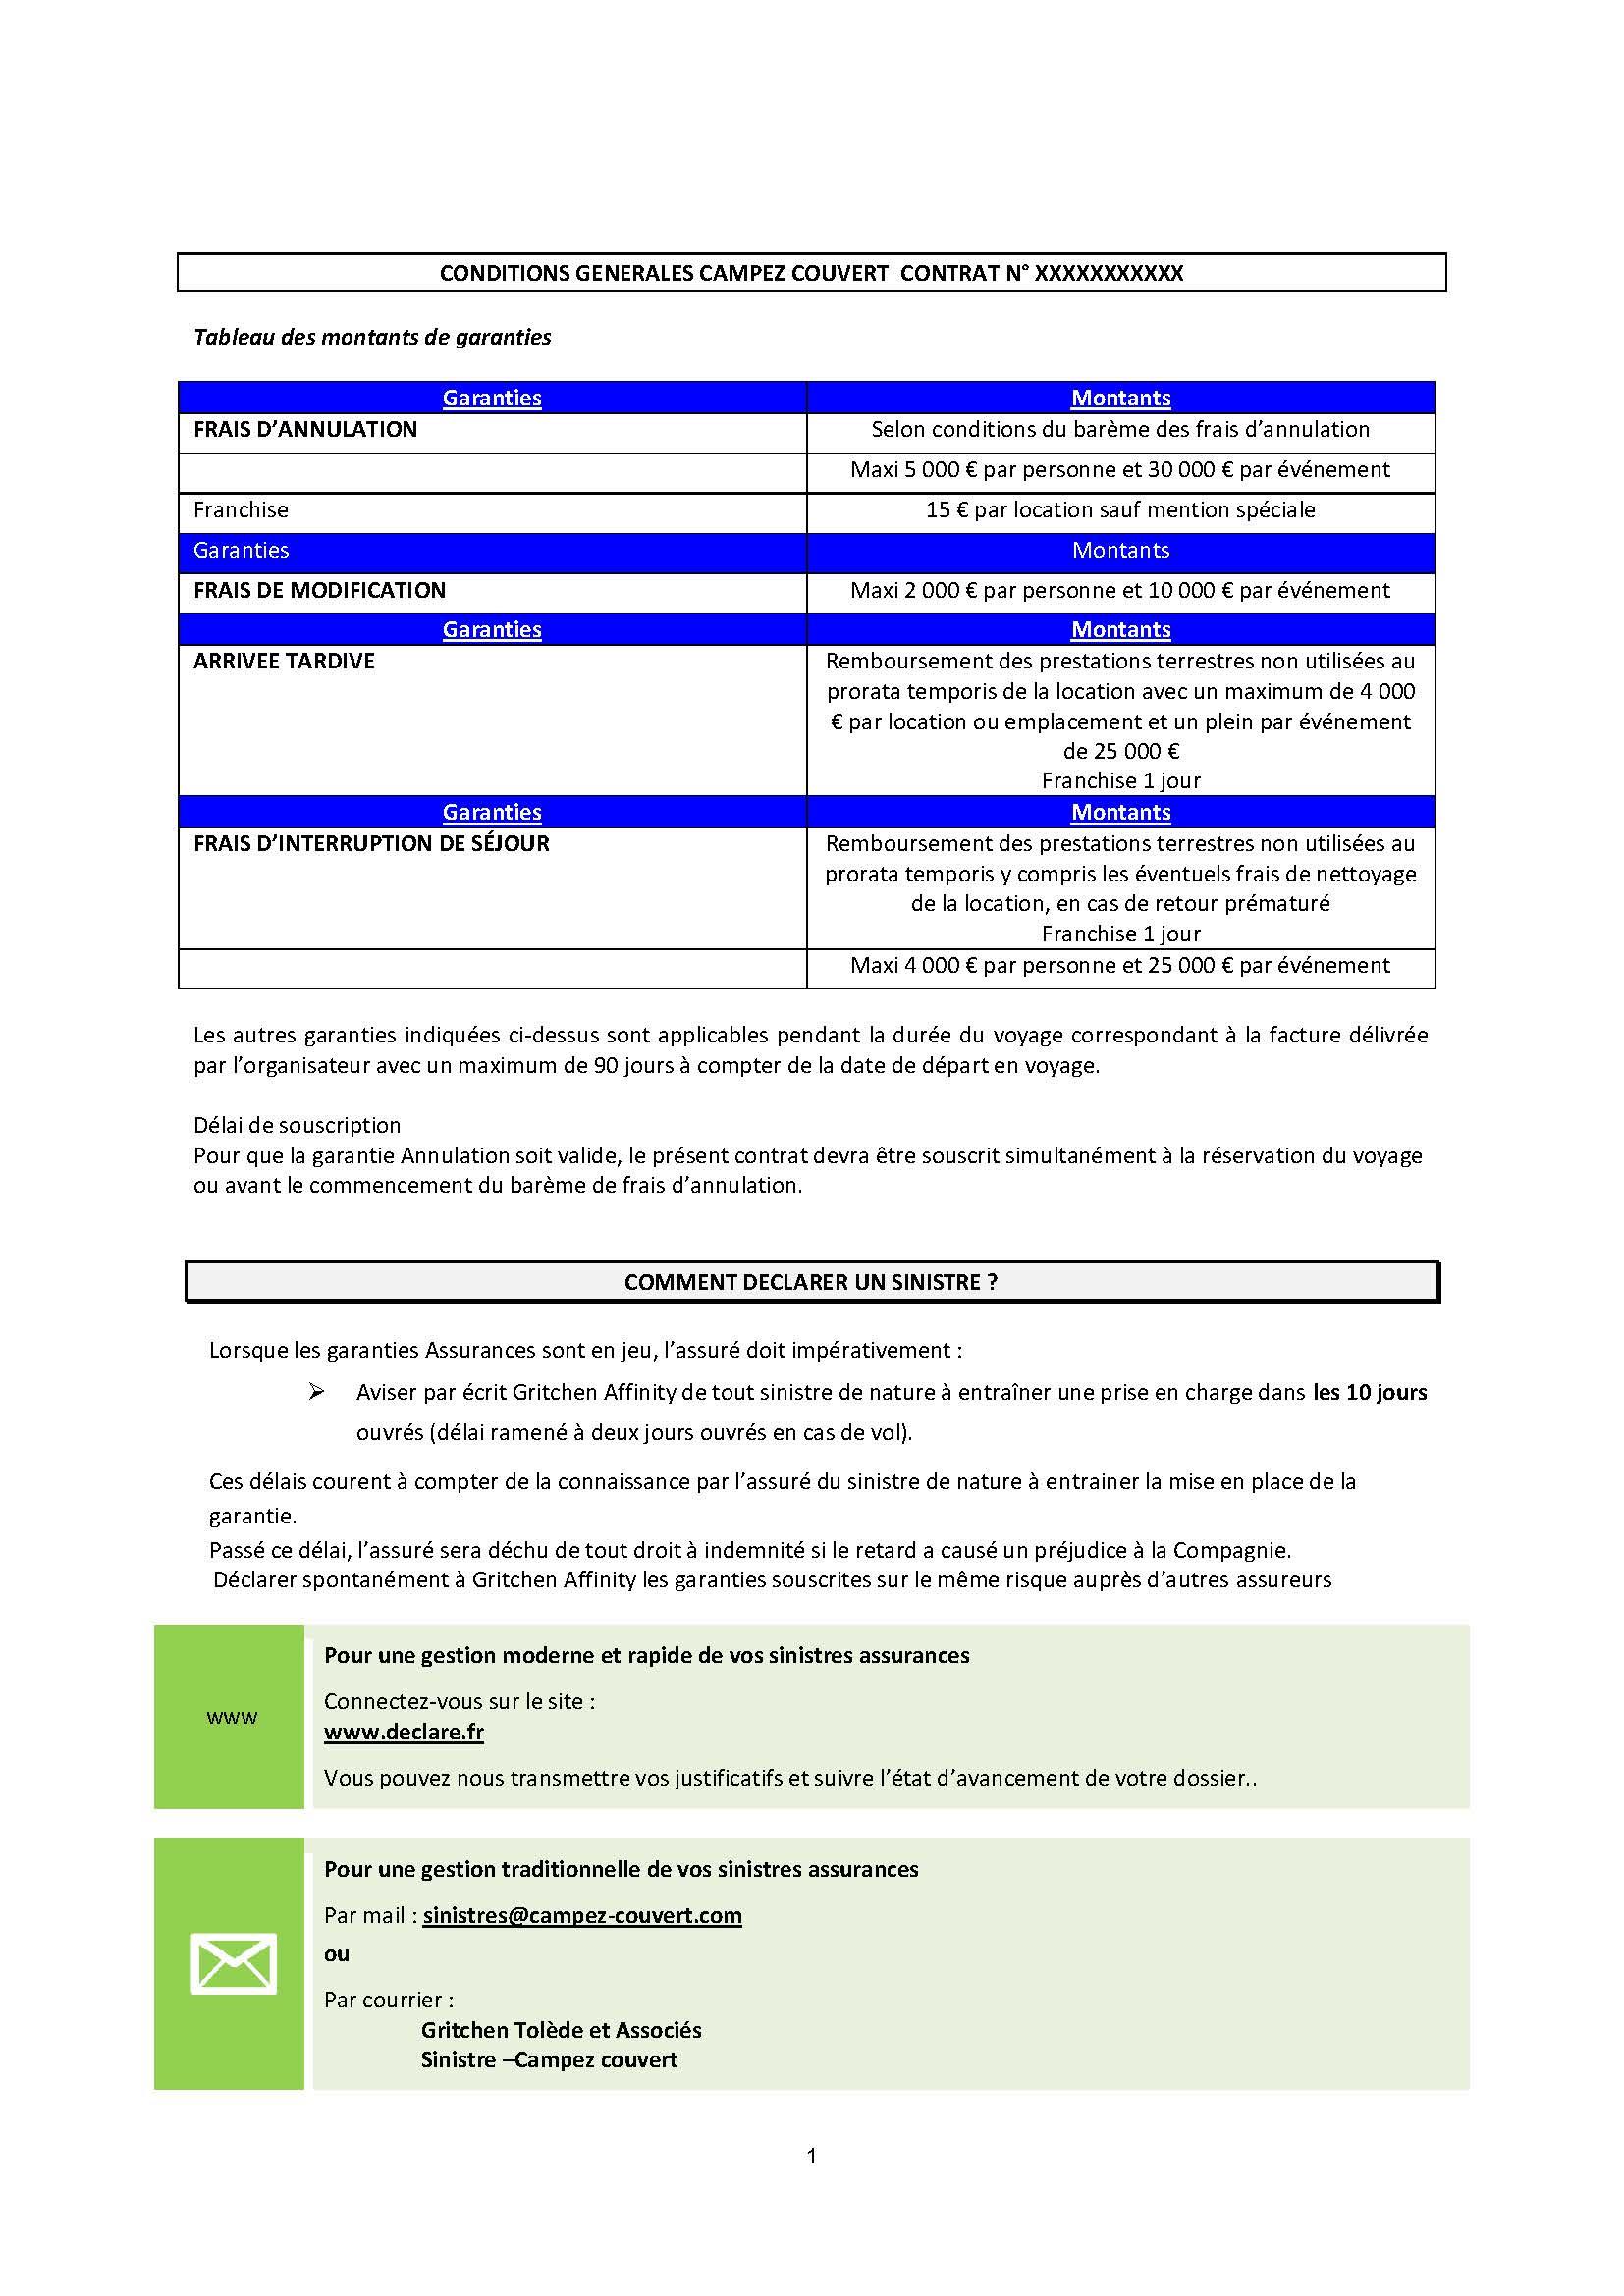 Dates d'annulation de datation